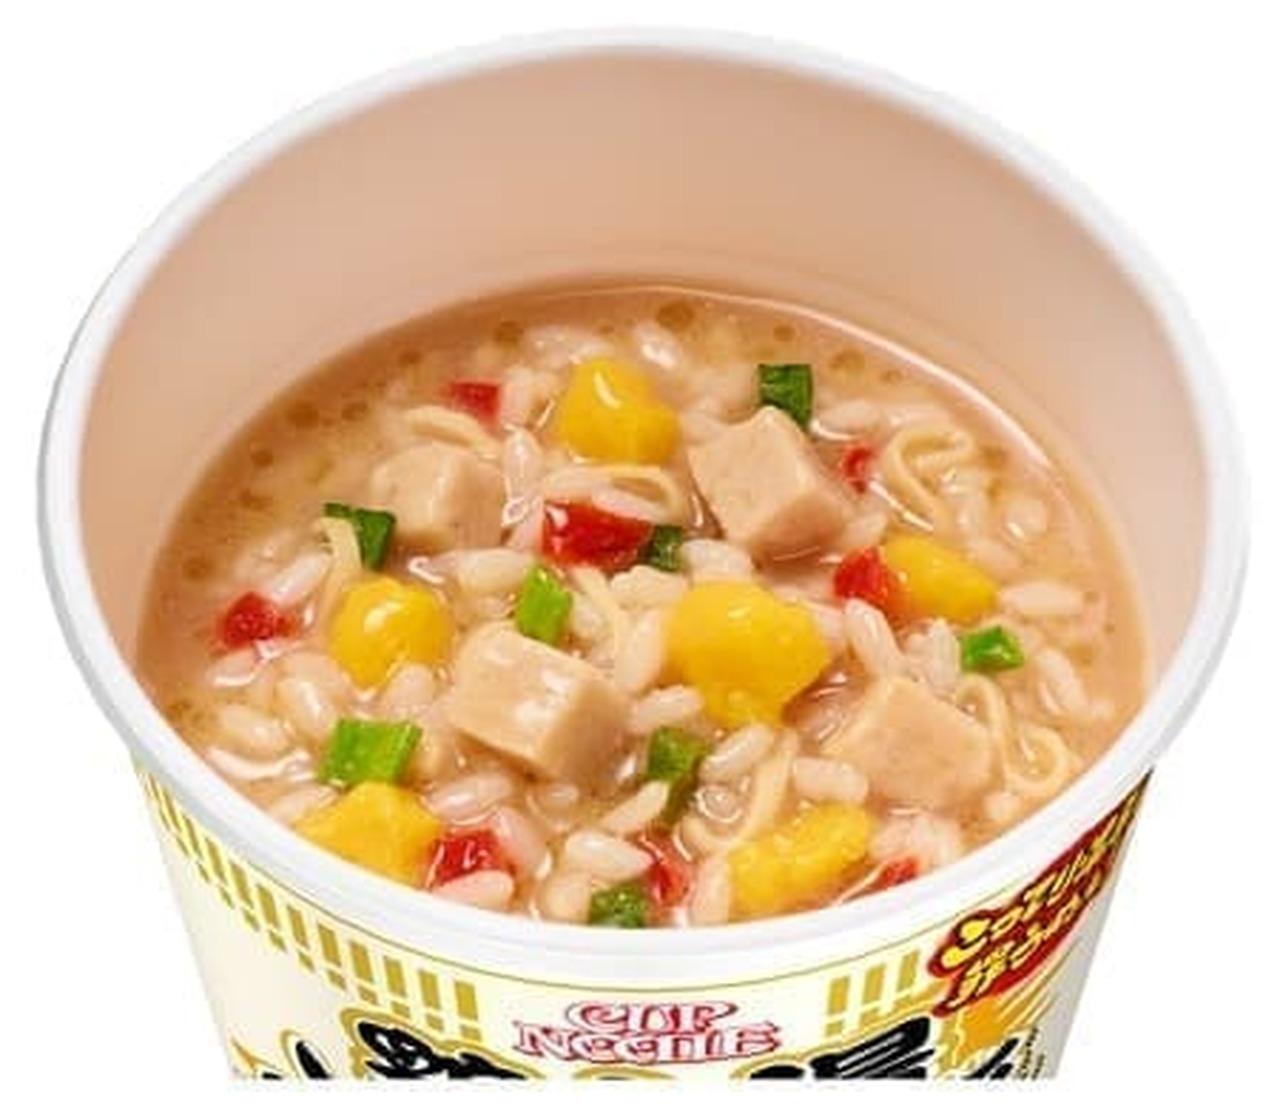 日清食品「カップヌードル 鶏白湯 ぶっこみ飯」